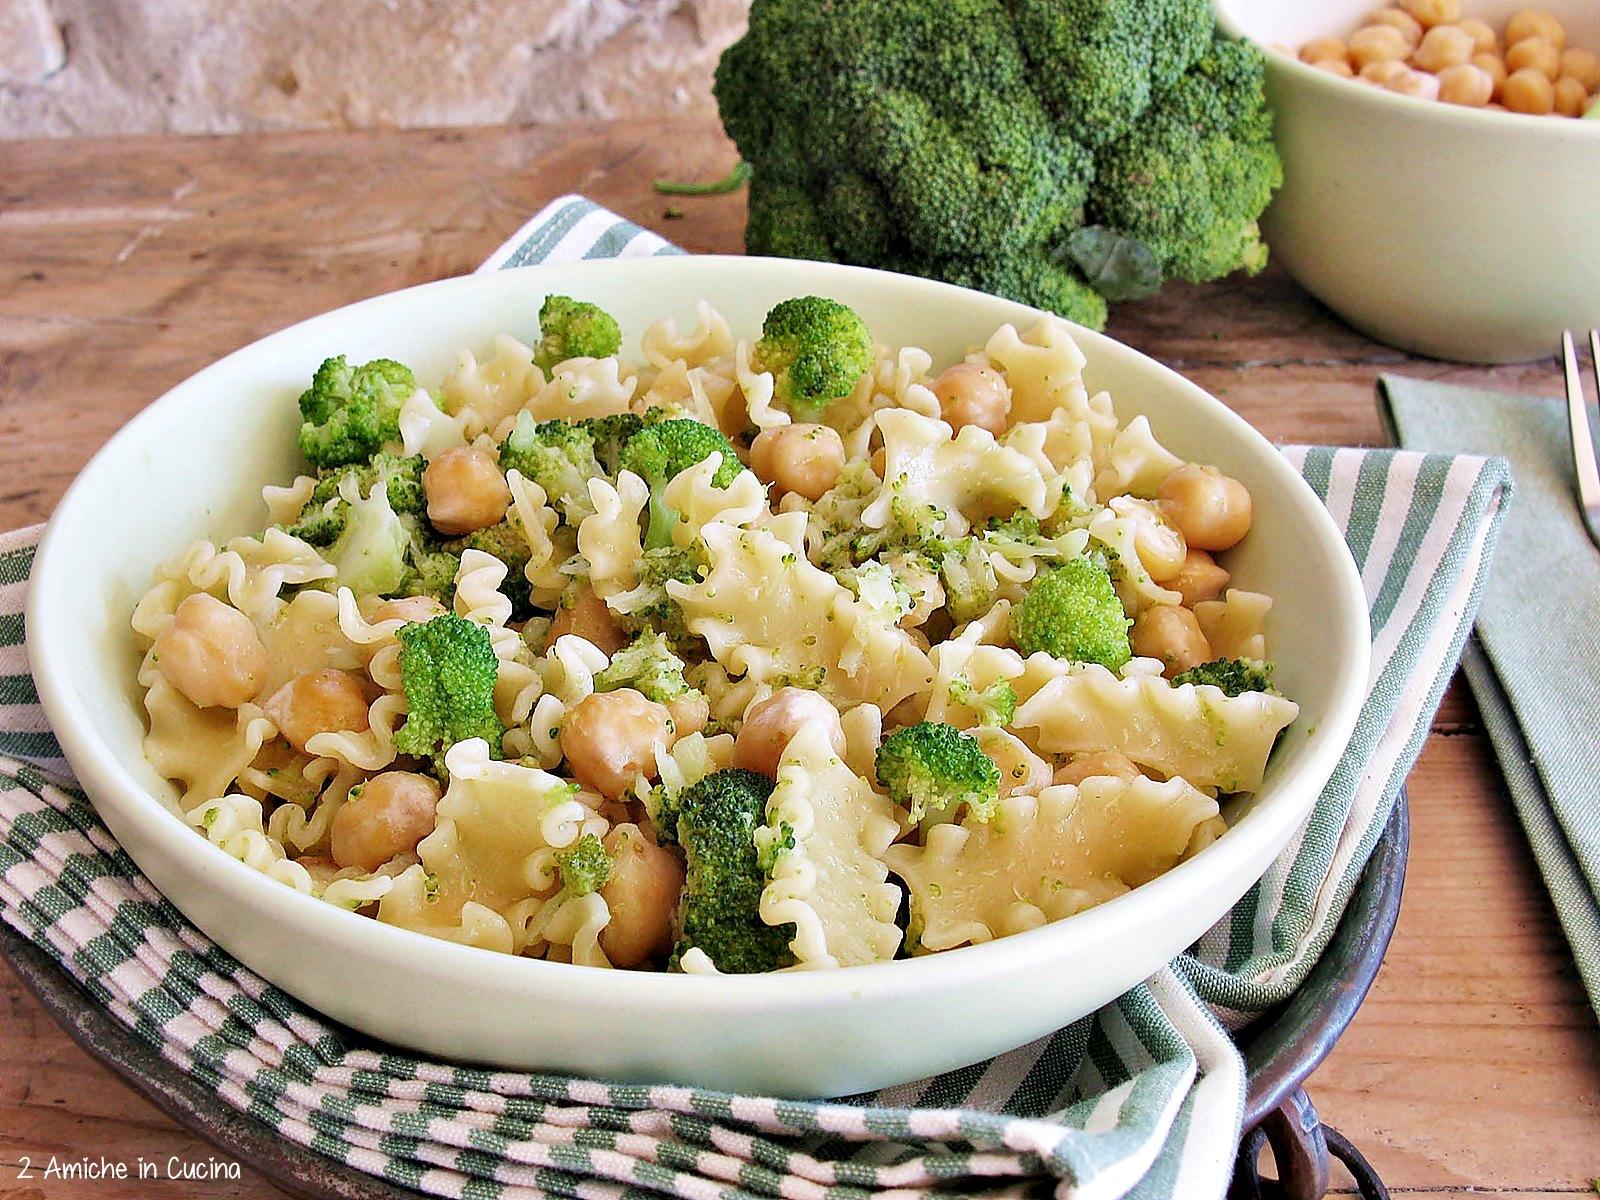 Pasta con broccoli e ceci - 2 Amiche in Cucina